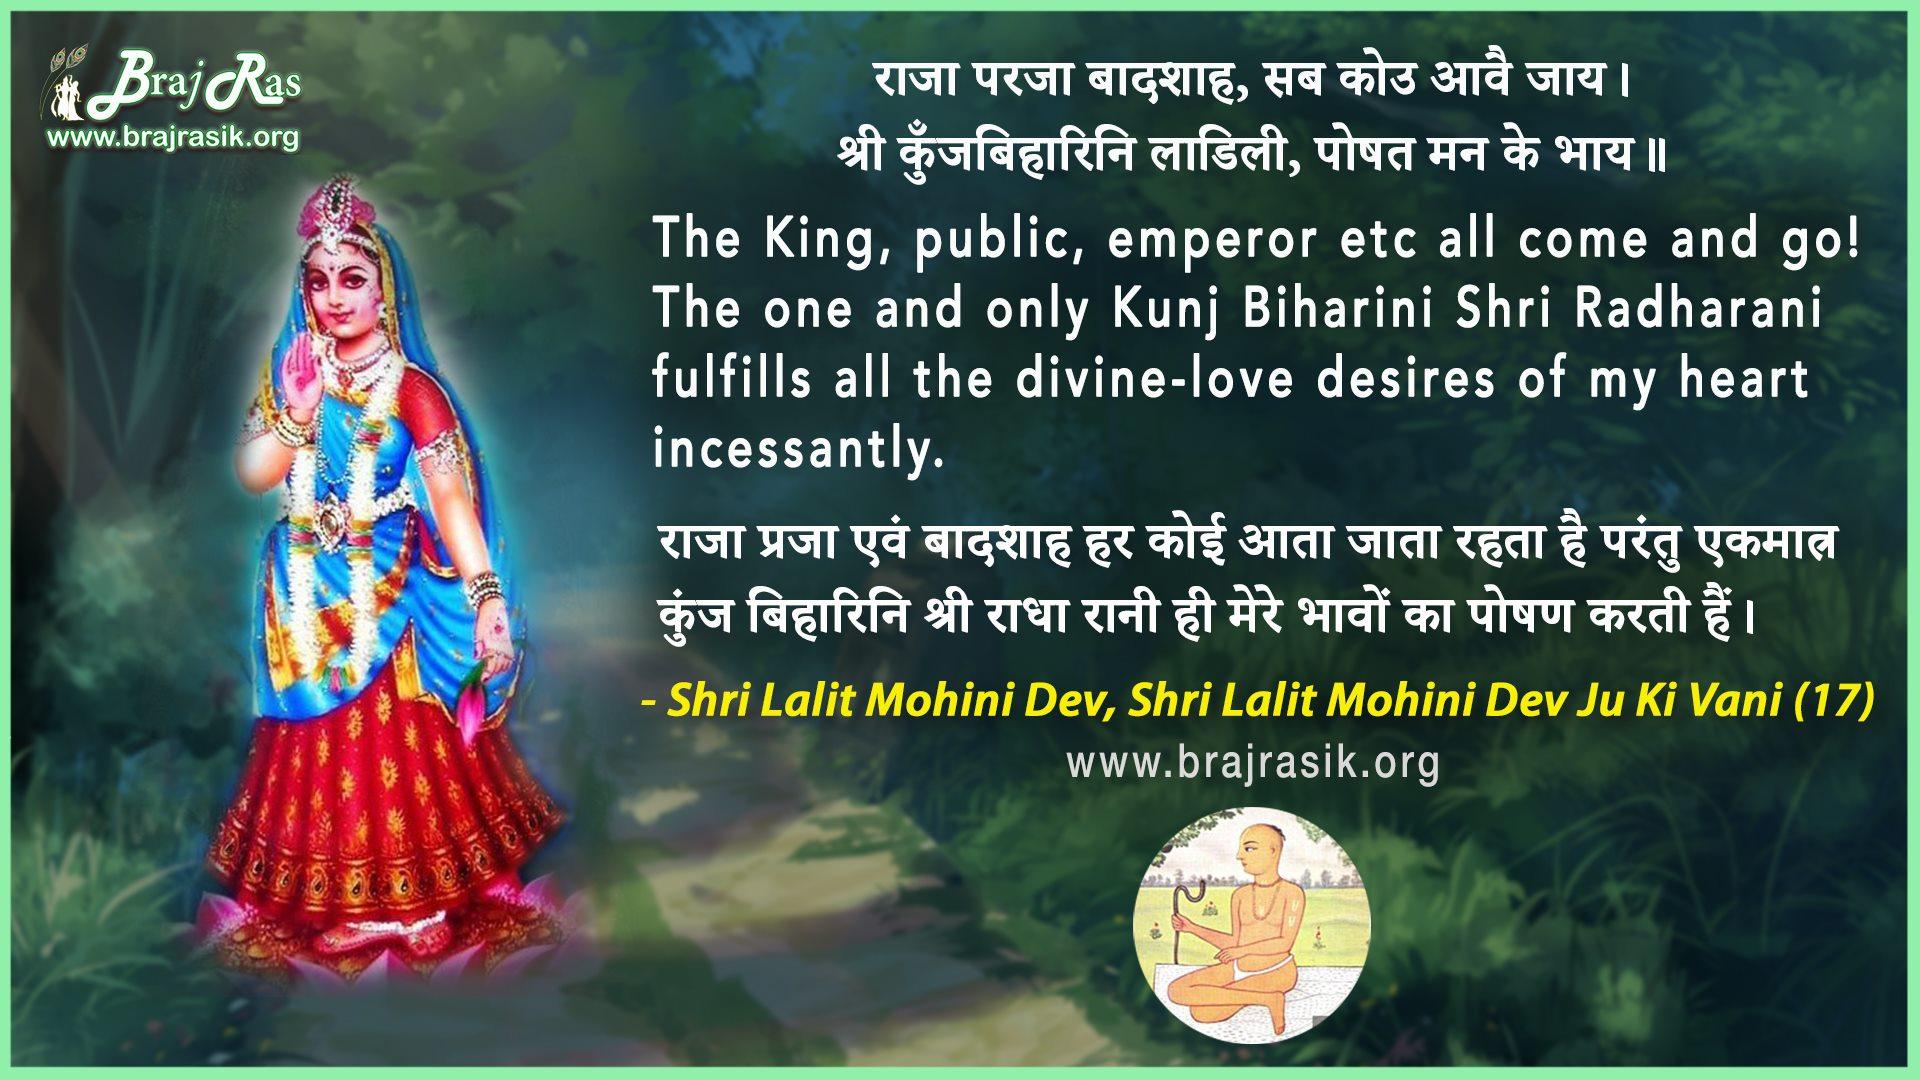 Raja Paraja Badshah, Sab Kou Aavai Jaay - Shri Lalit Mohini Dev, Shri Lalit Mohini Dev Ju Ki Vani (17)